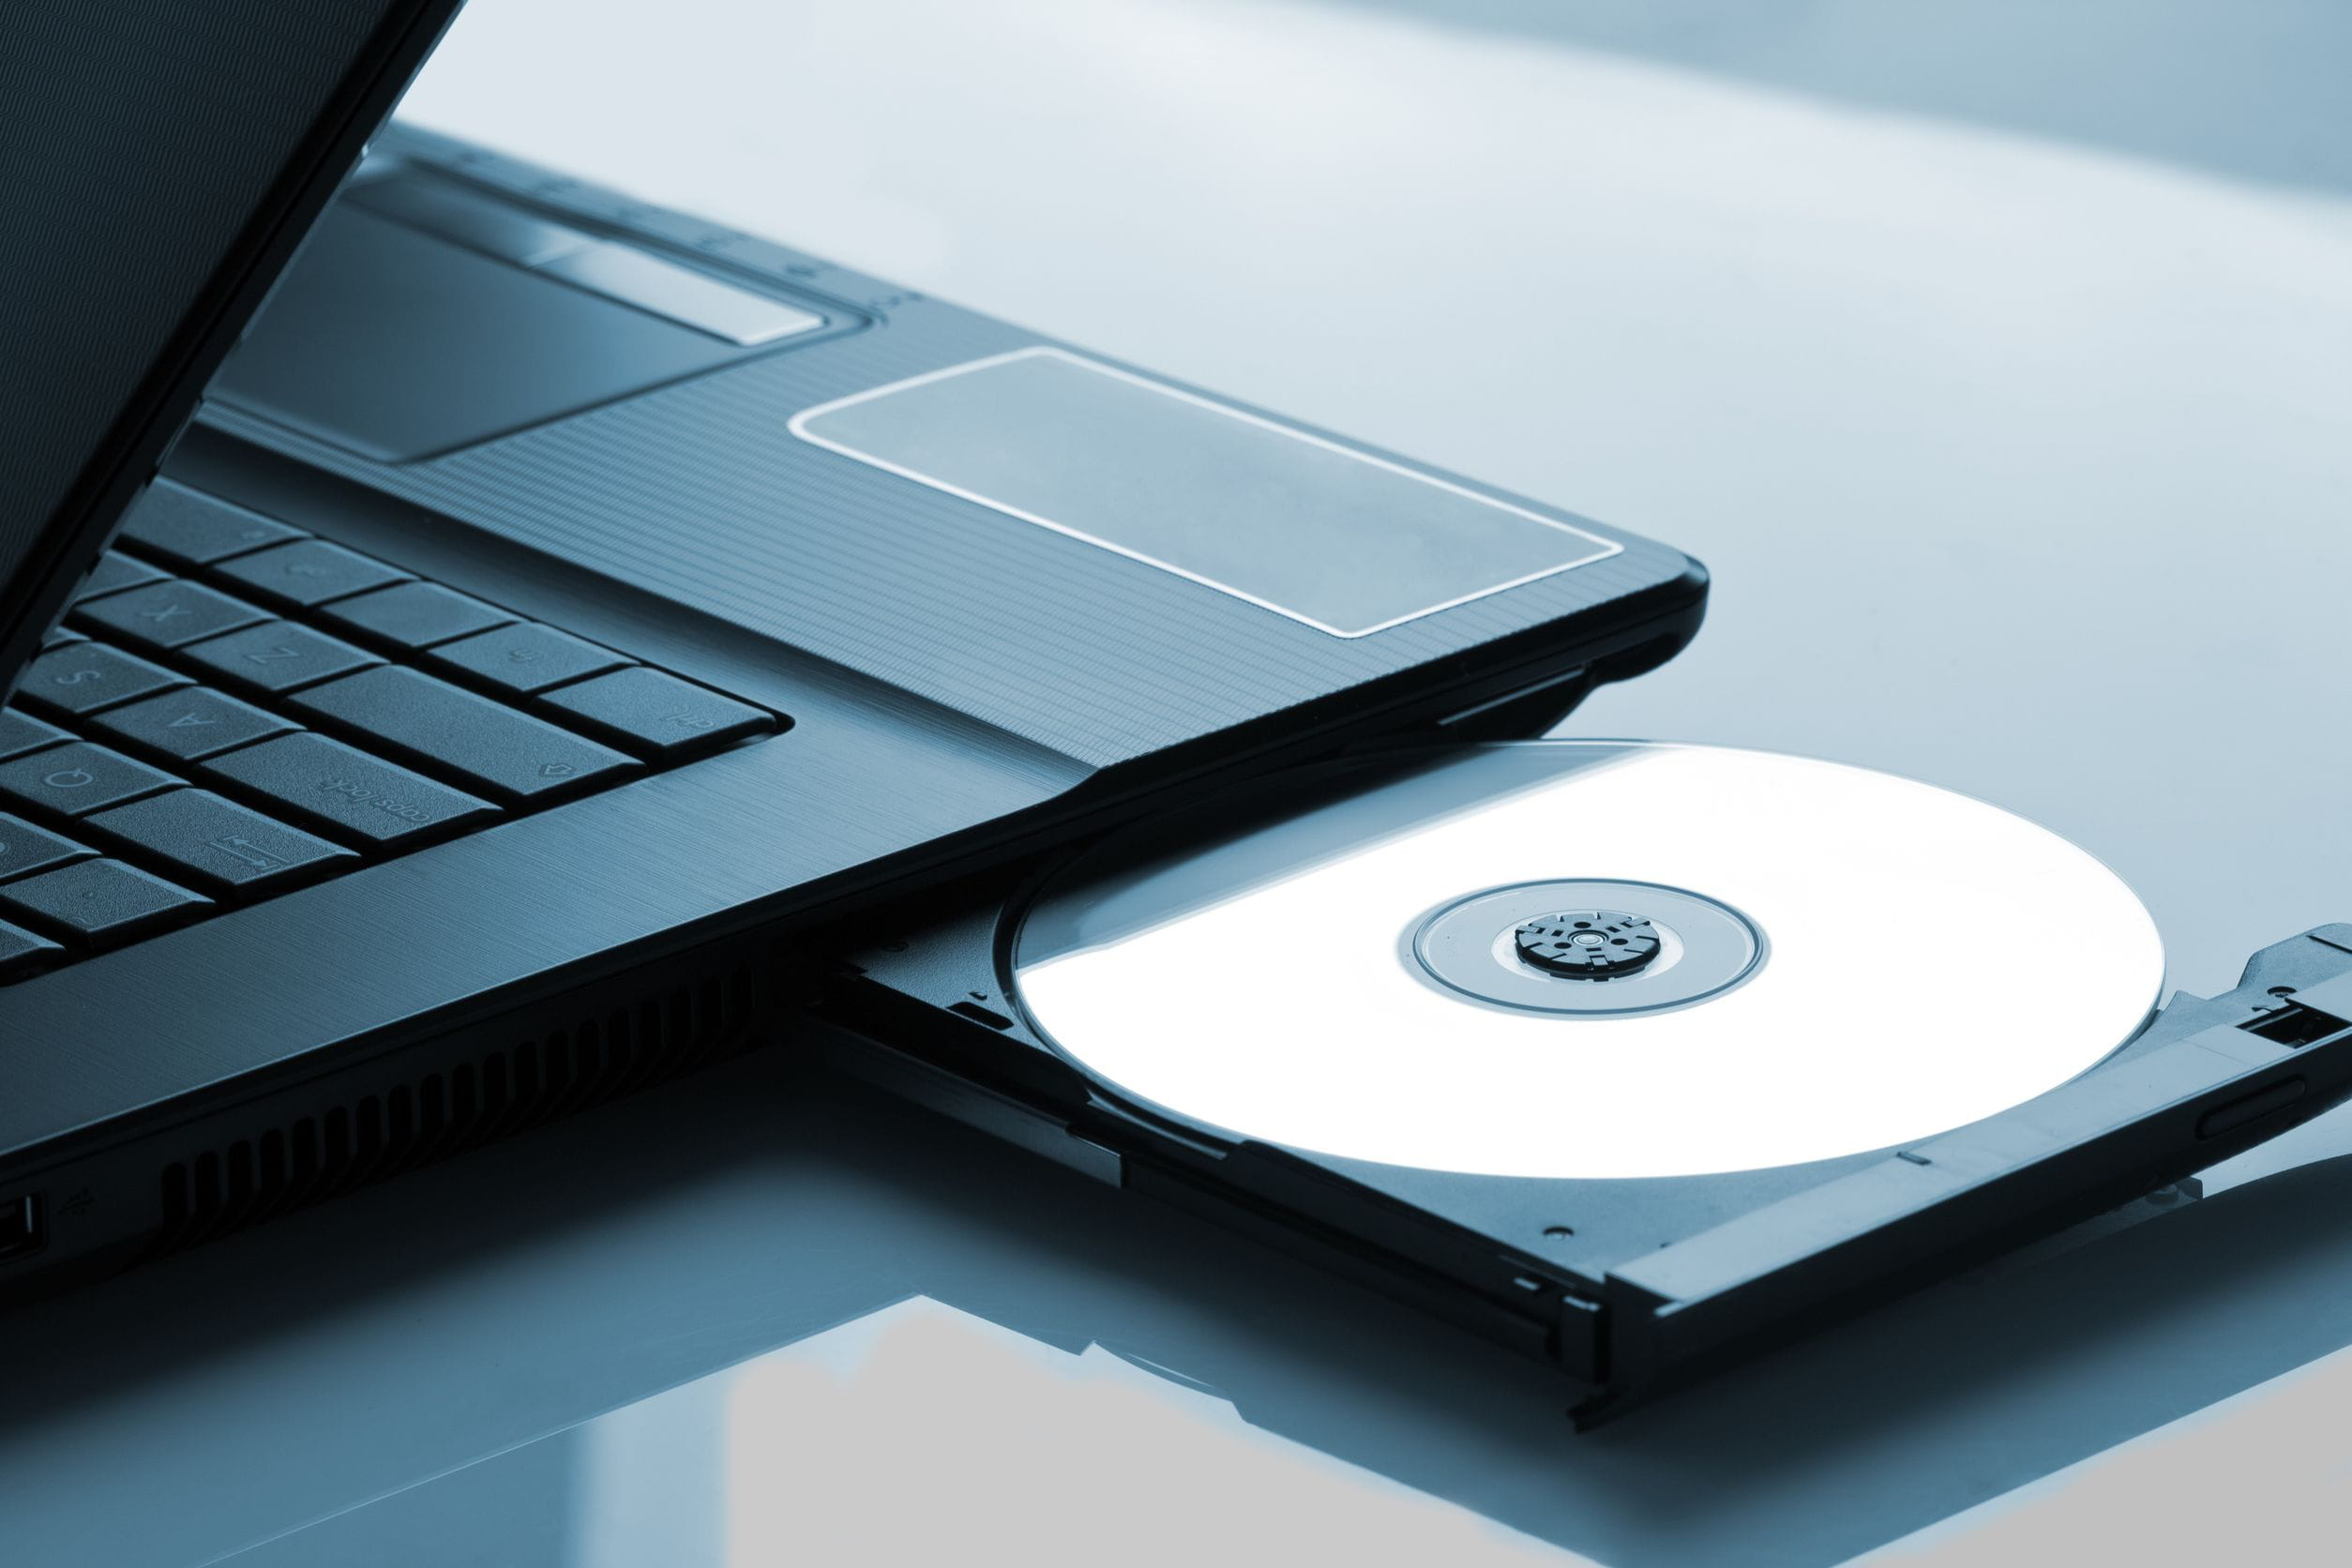 Cómo sacar un CD/DVD cuando el lector está atascado - CCM